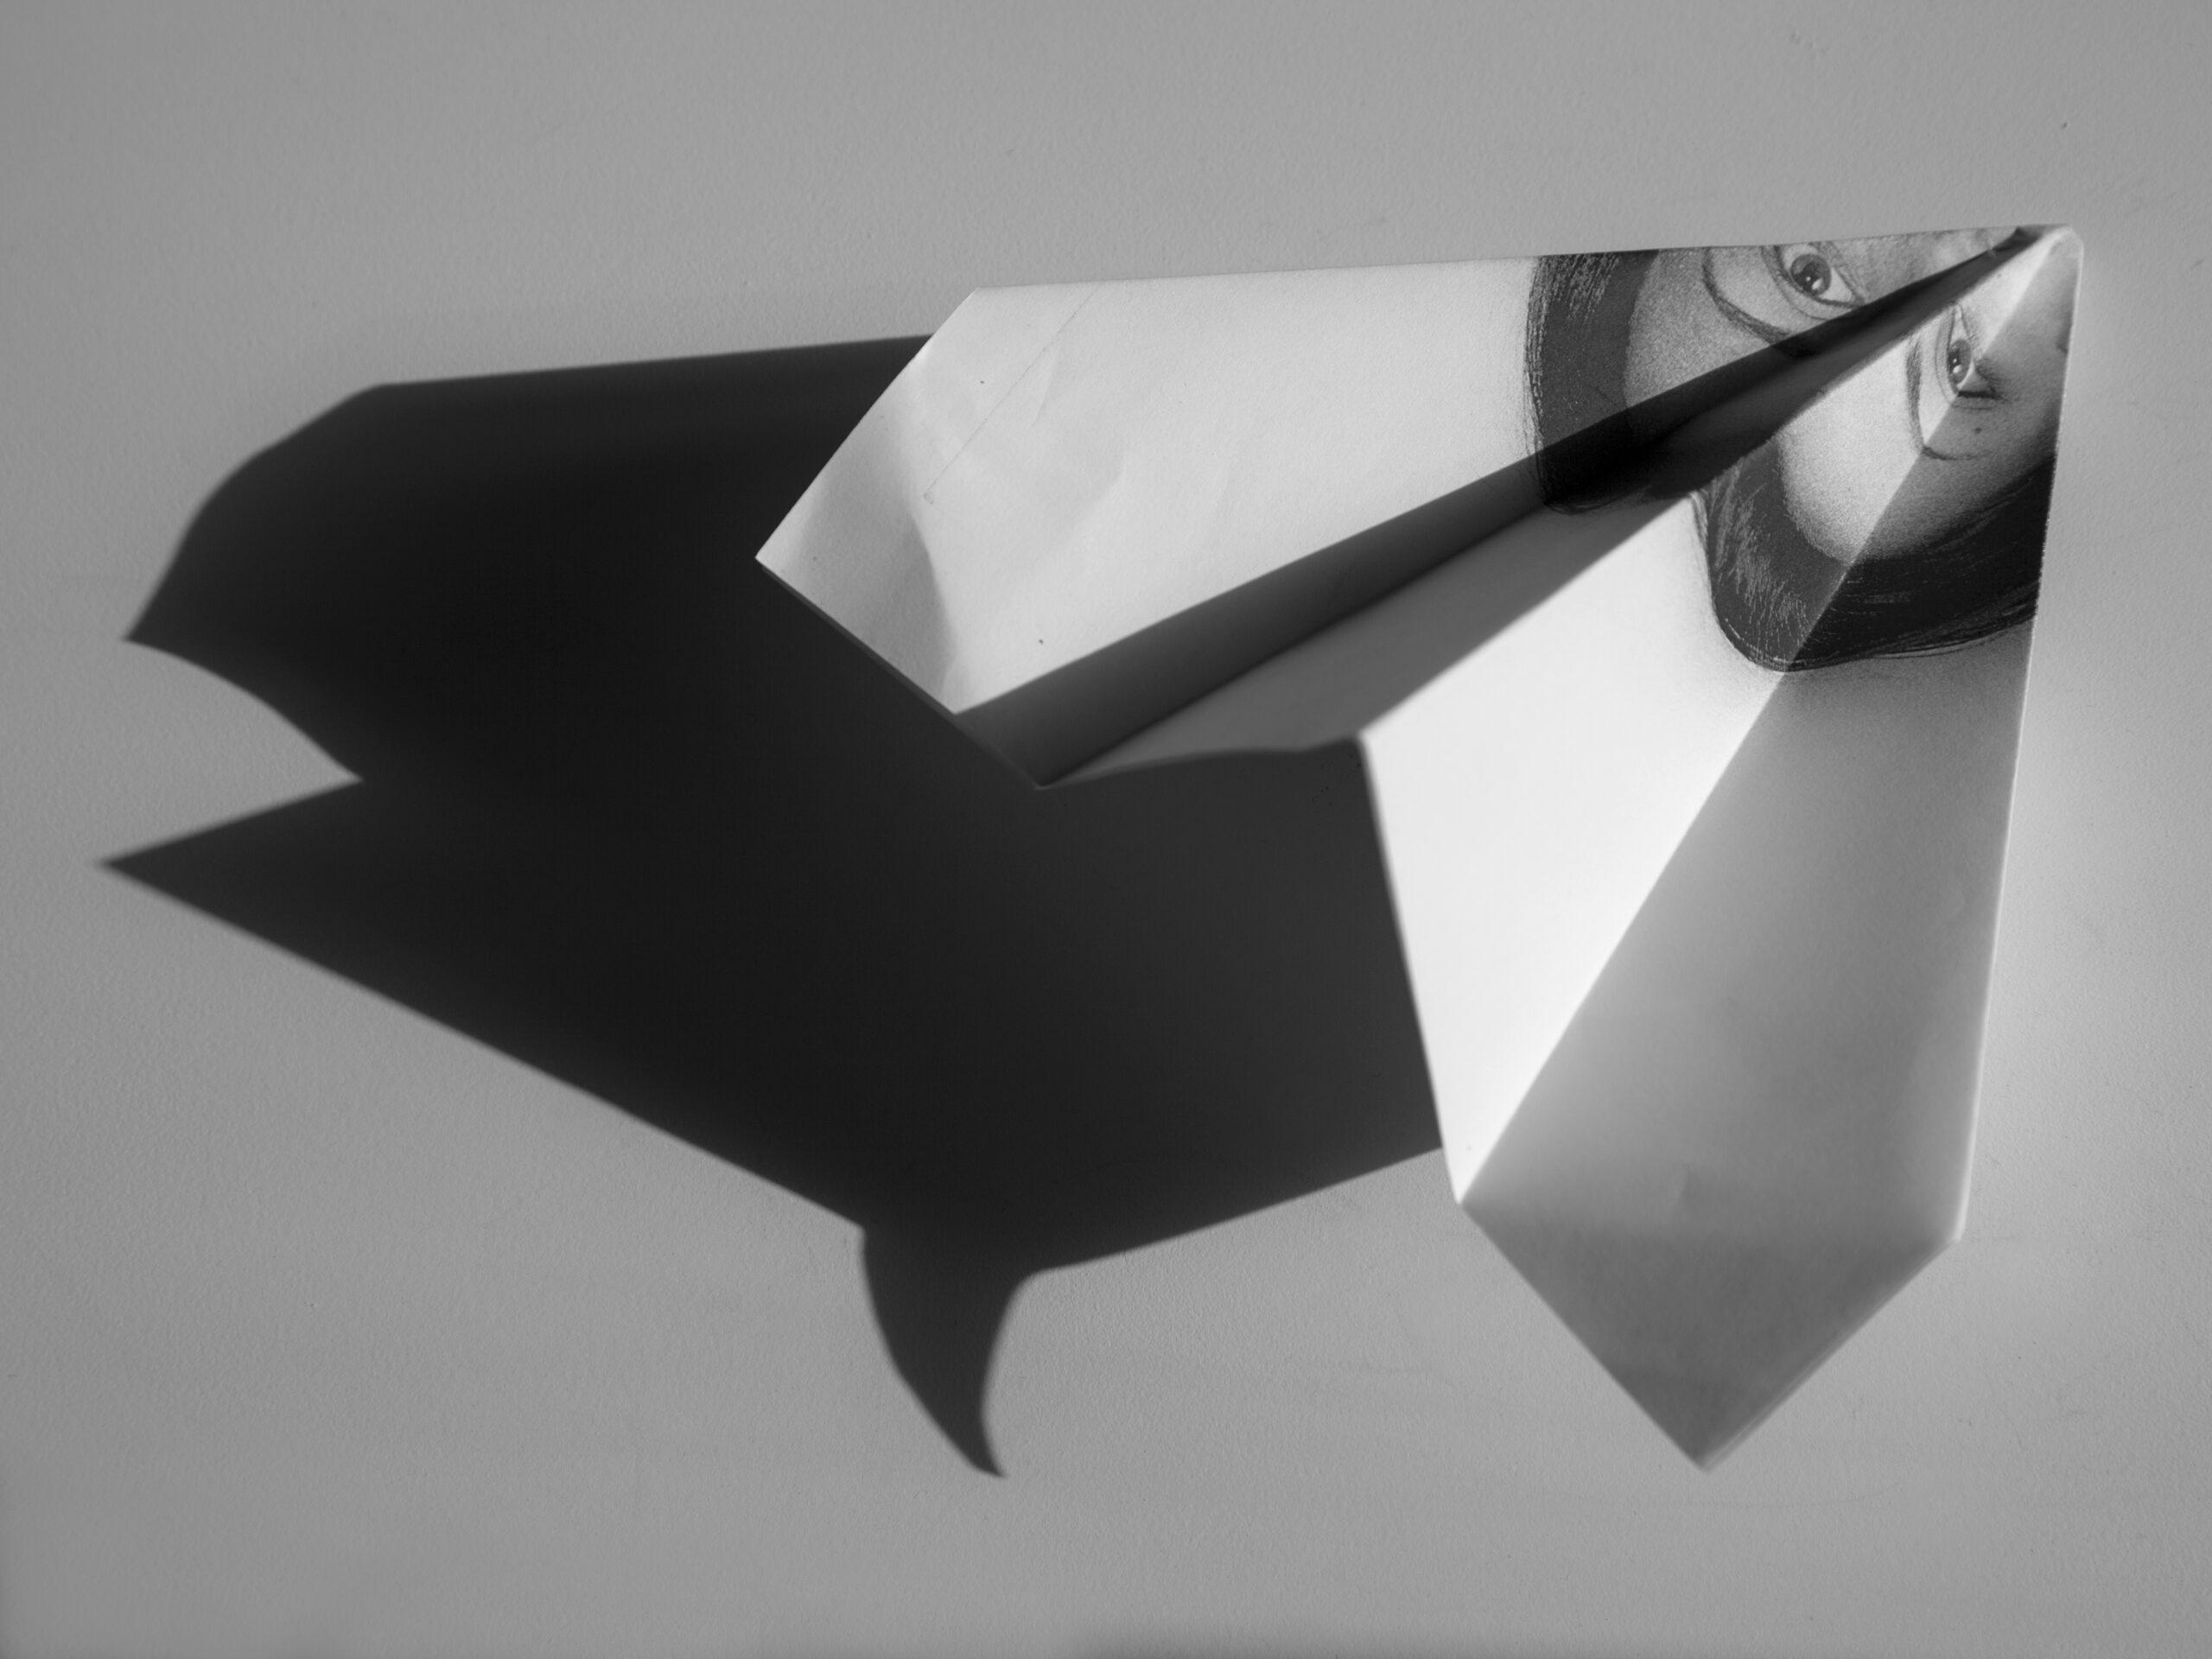 immagine onirica in cui l'ombra di un foglio piegato, prende la forma di una balena